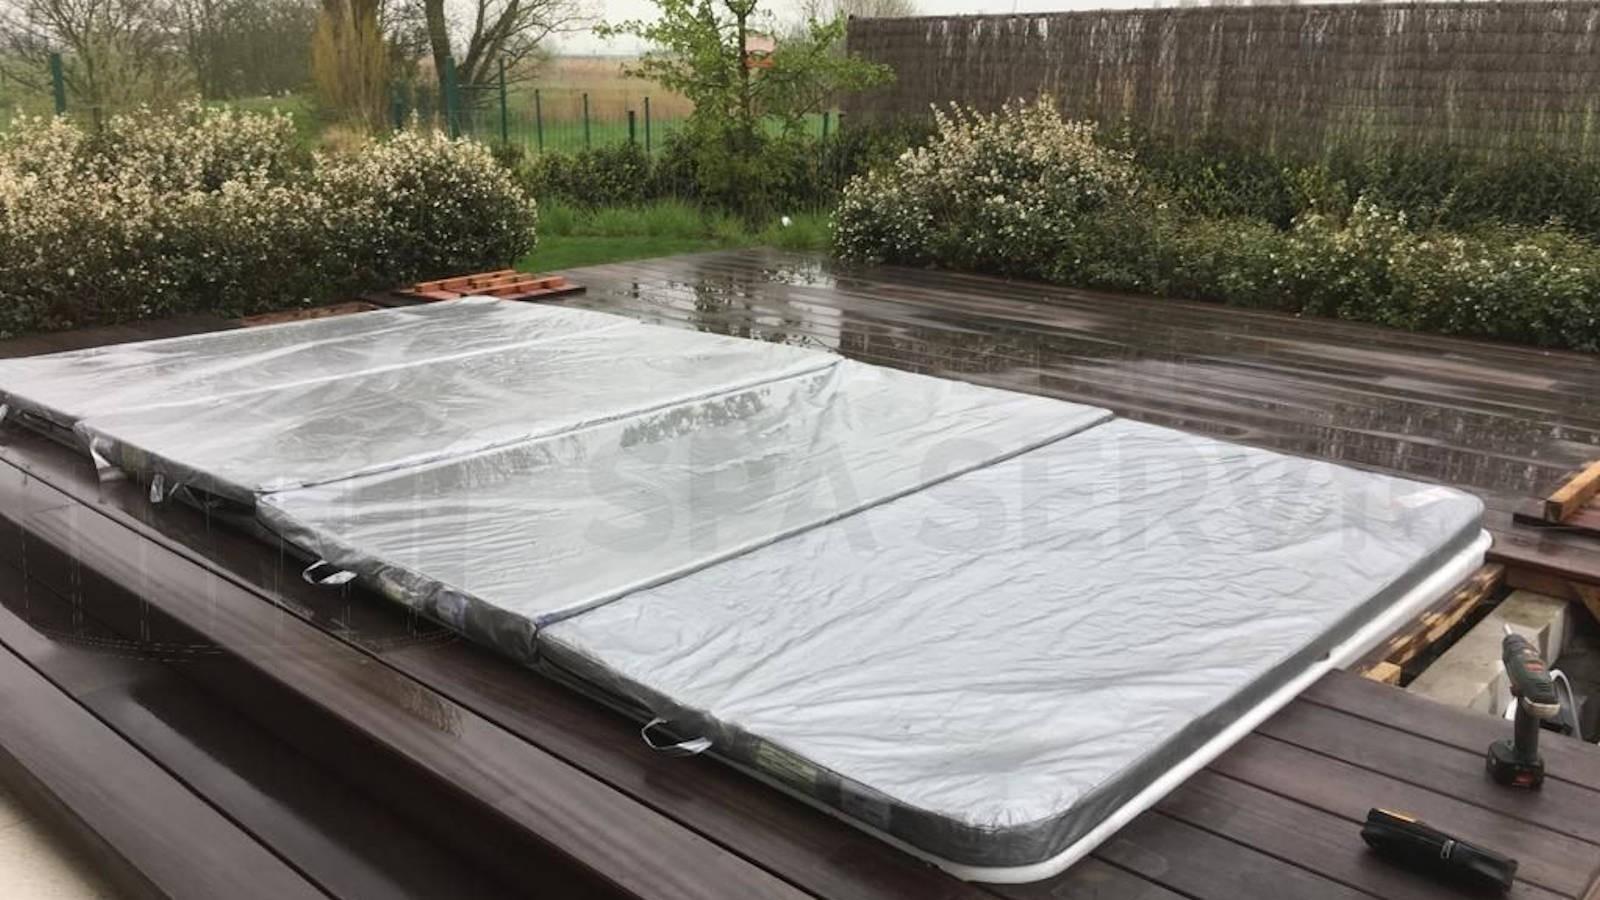 Reparatie Allseas Exercise Pool 46 zwemspa in Oostende België